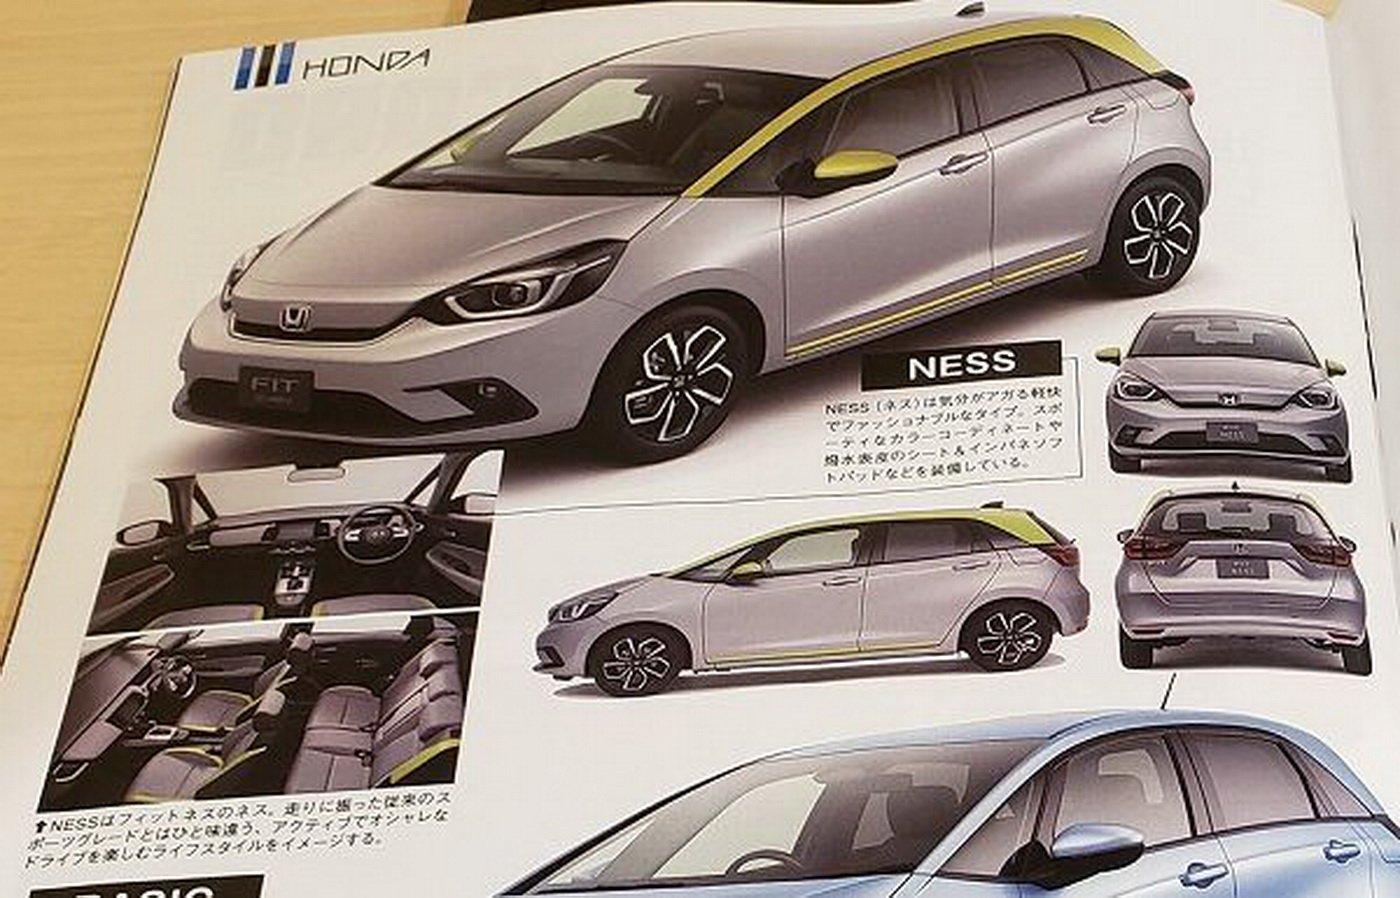 2020_Honda_Jazz_leaked_0002